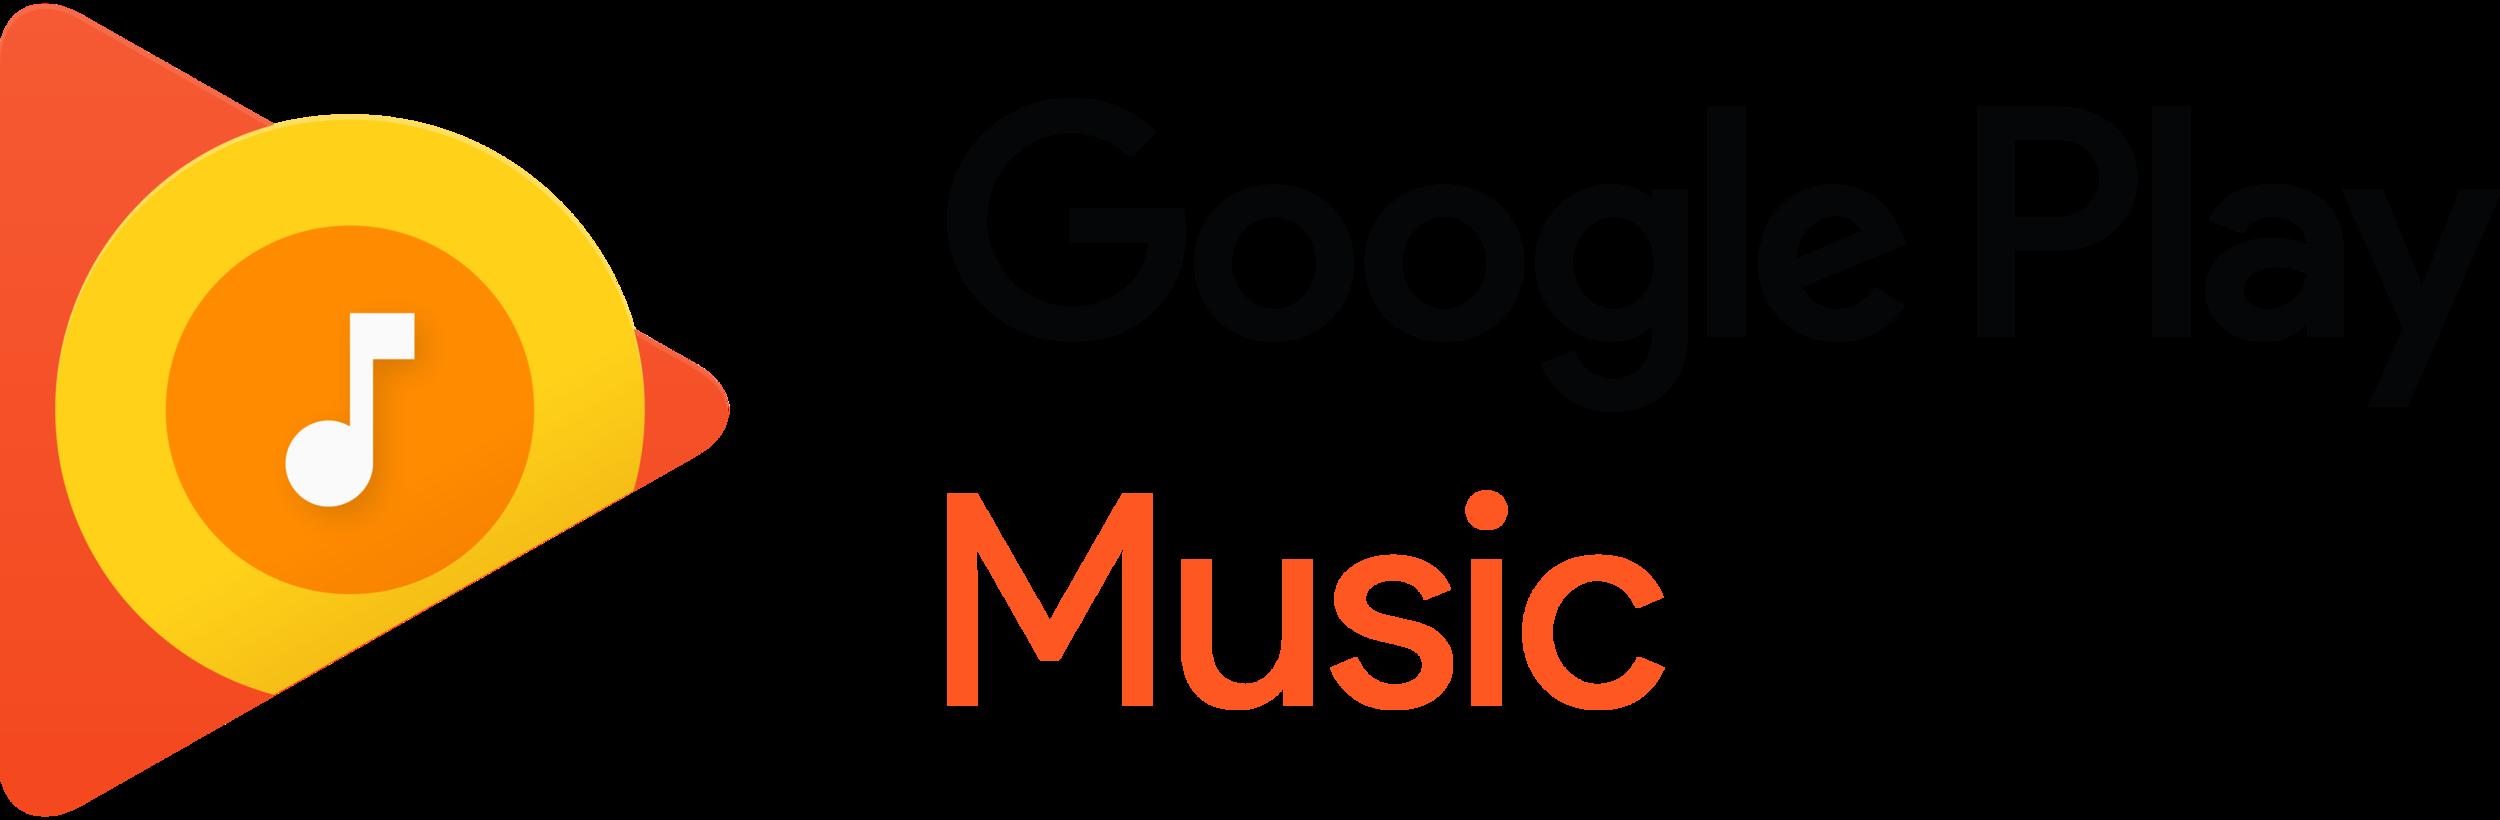 Listen to Pro Beauty Talks on Google Play Music